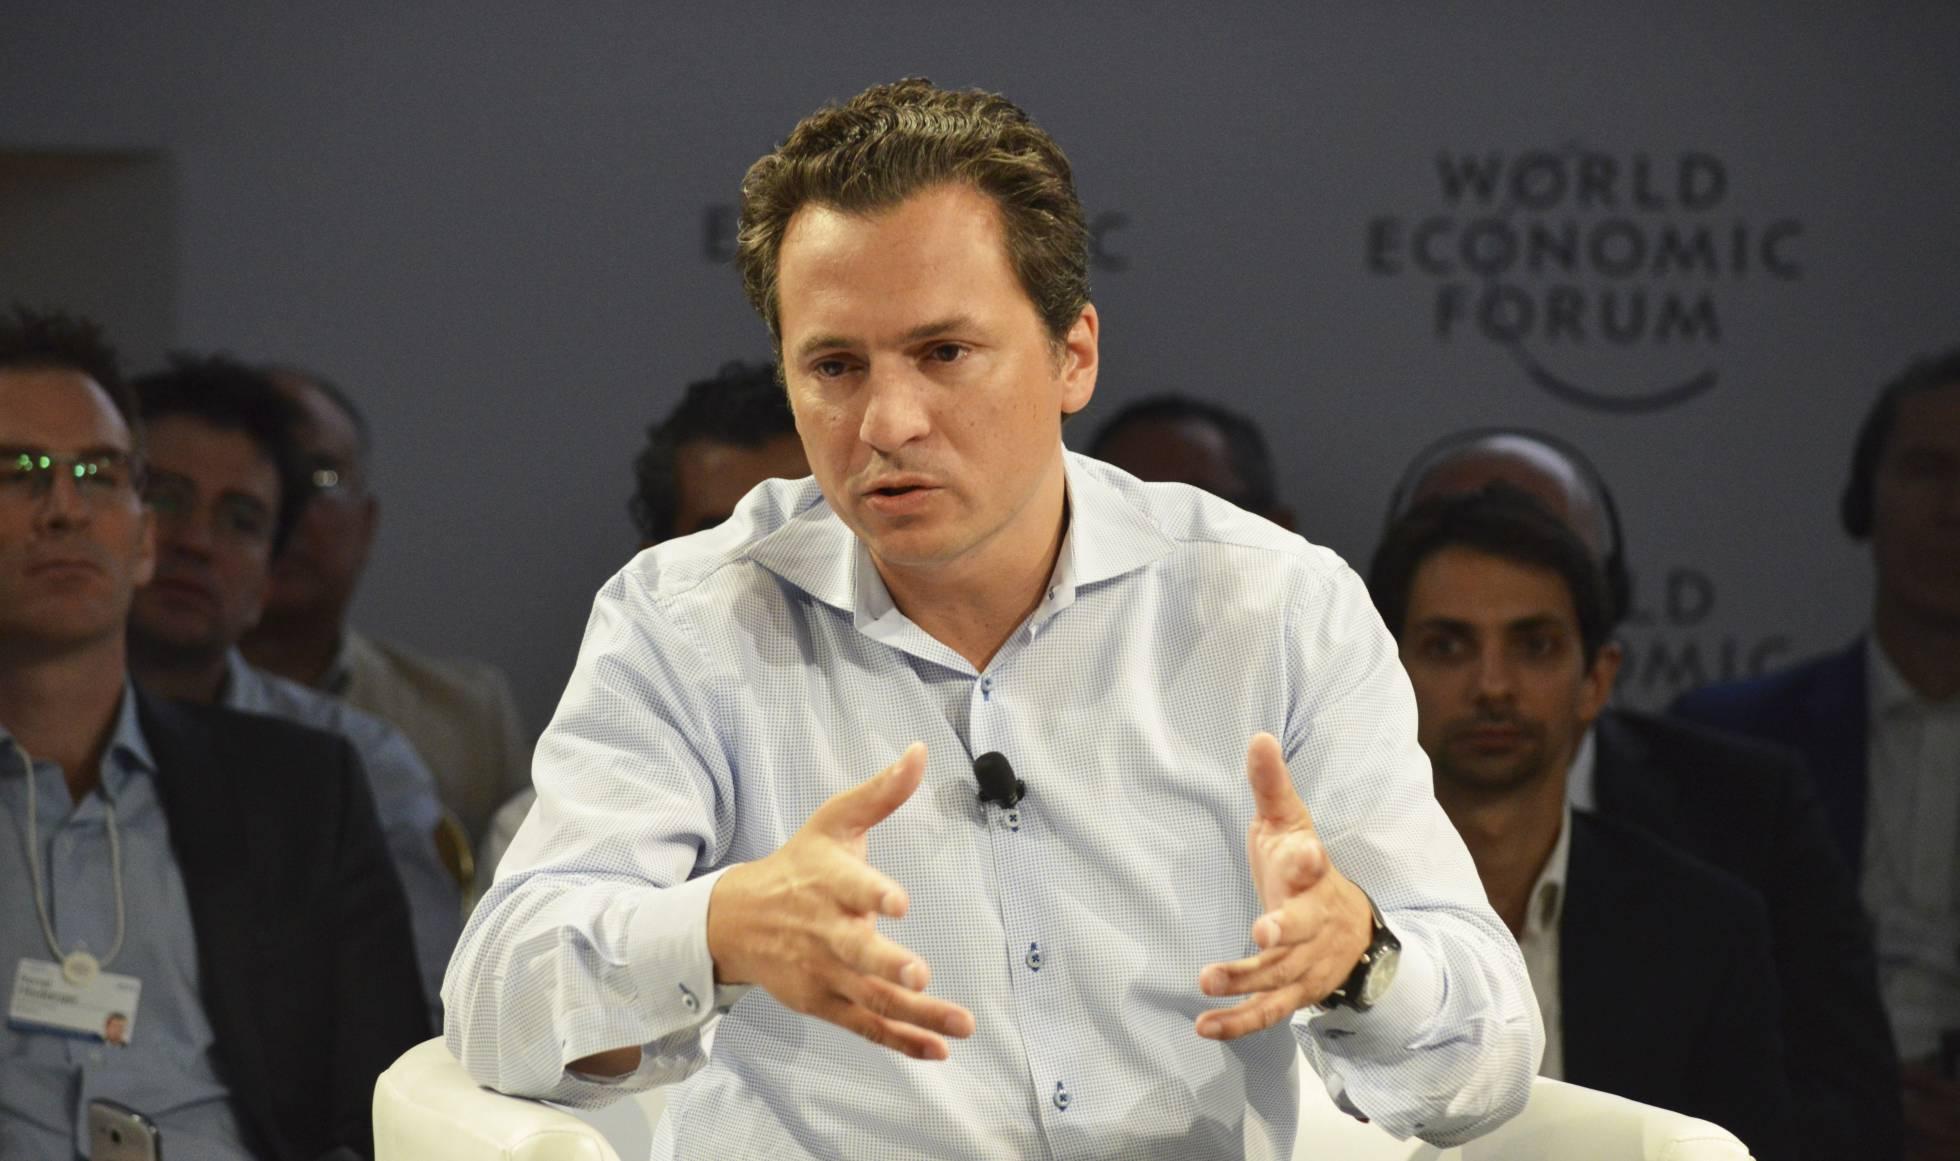 Tres exdirectivos de Odebrecht aseguran que el exdirector de Pemex Emilio Lozoya recibió 10 millones de dólares en sobornos